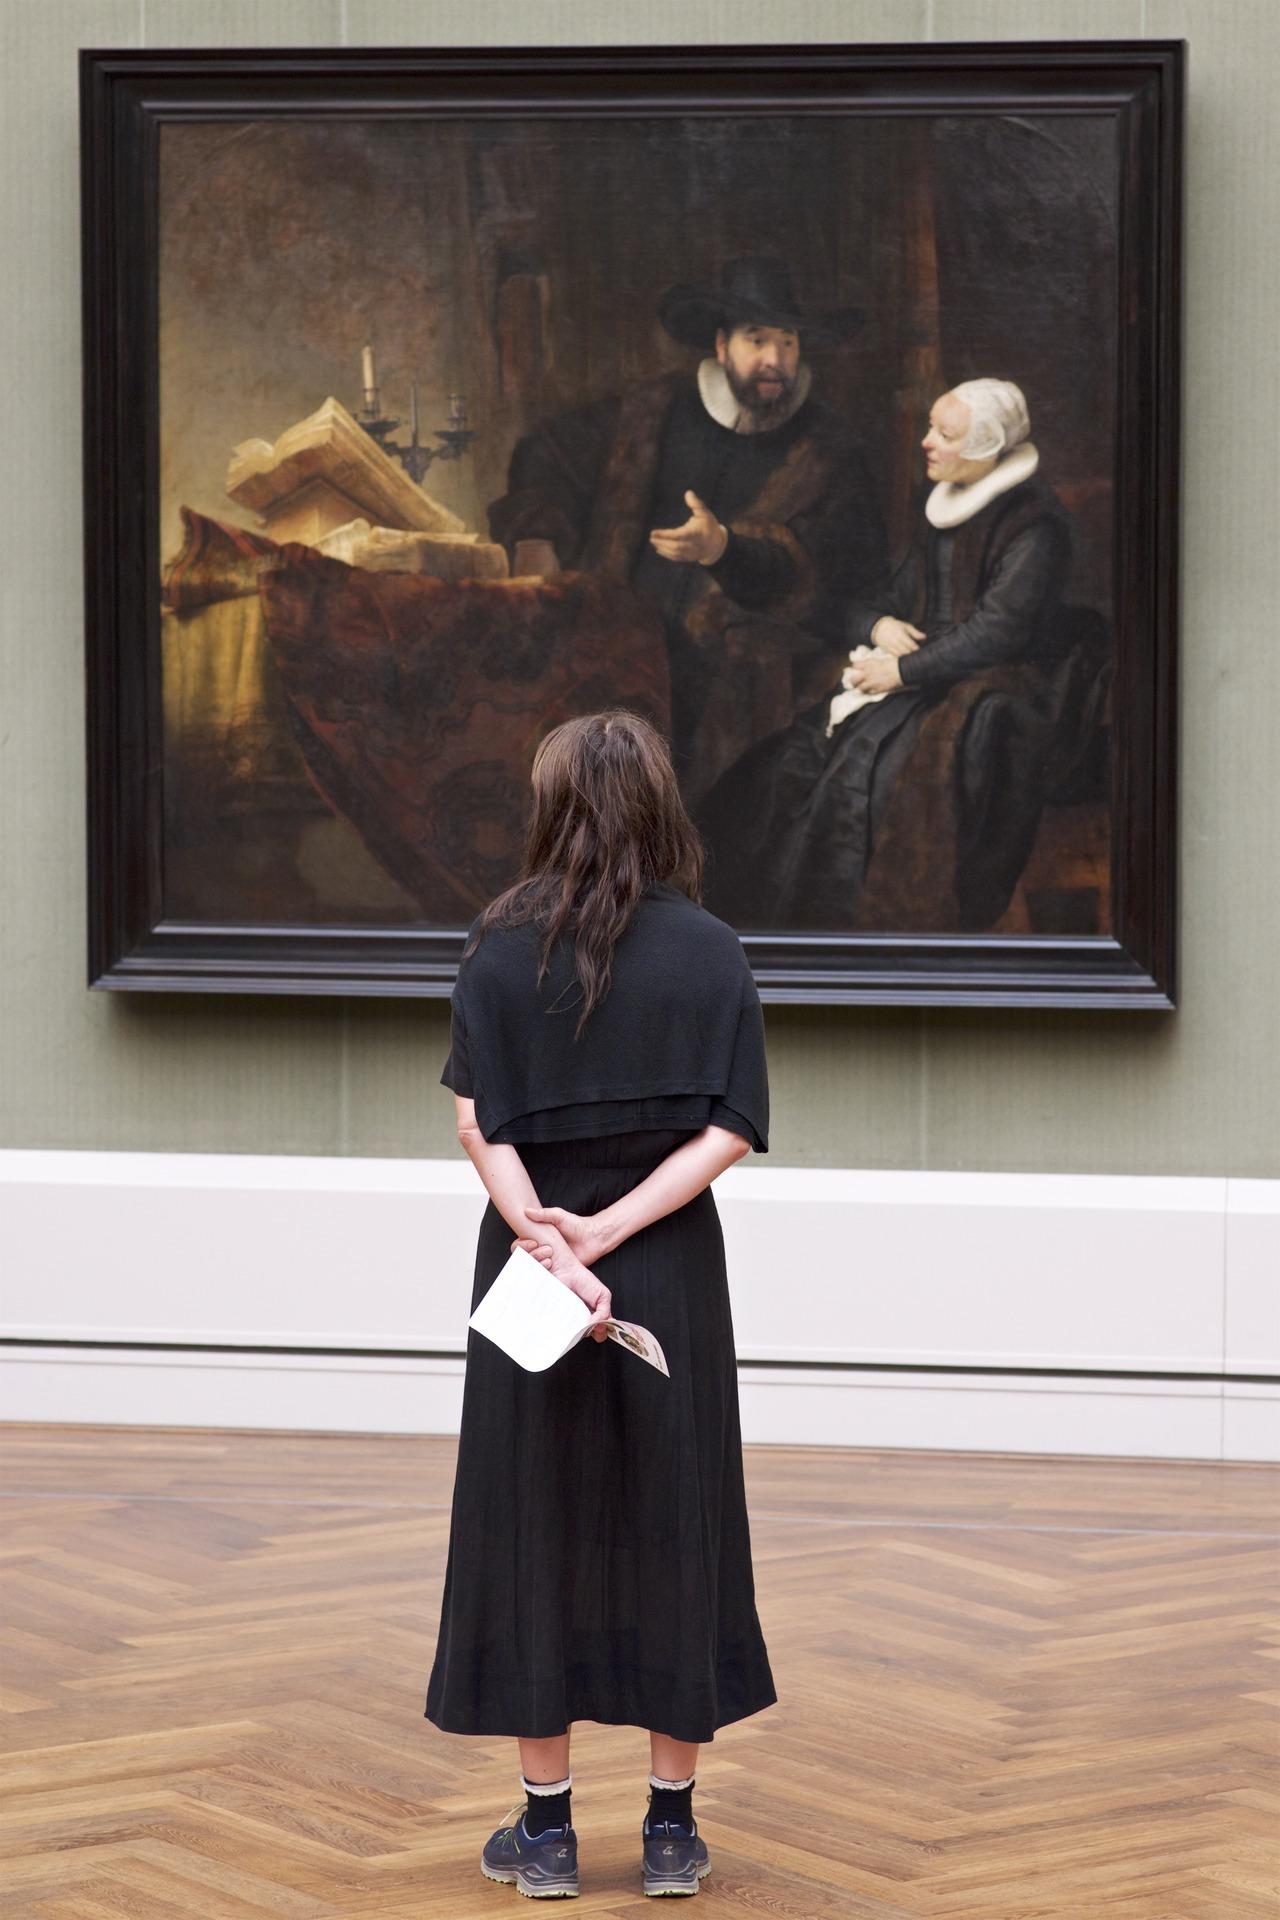 La mujer escucha la conversación del cuadro